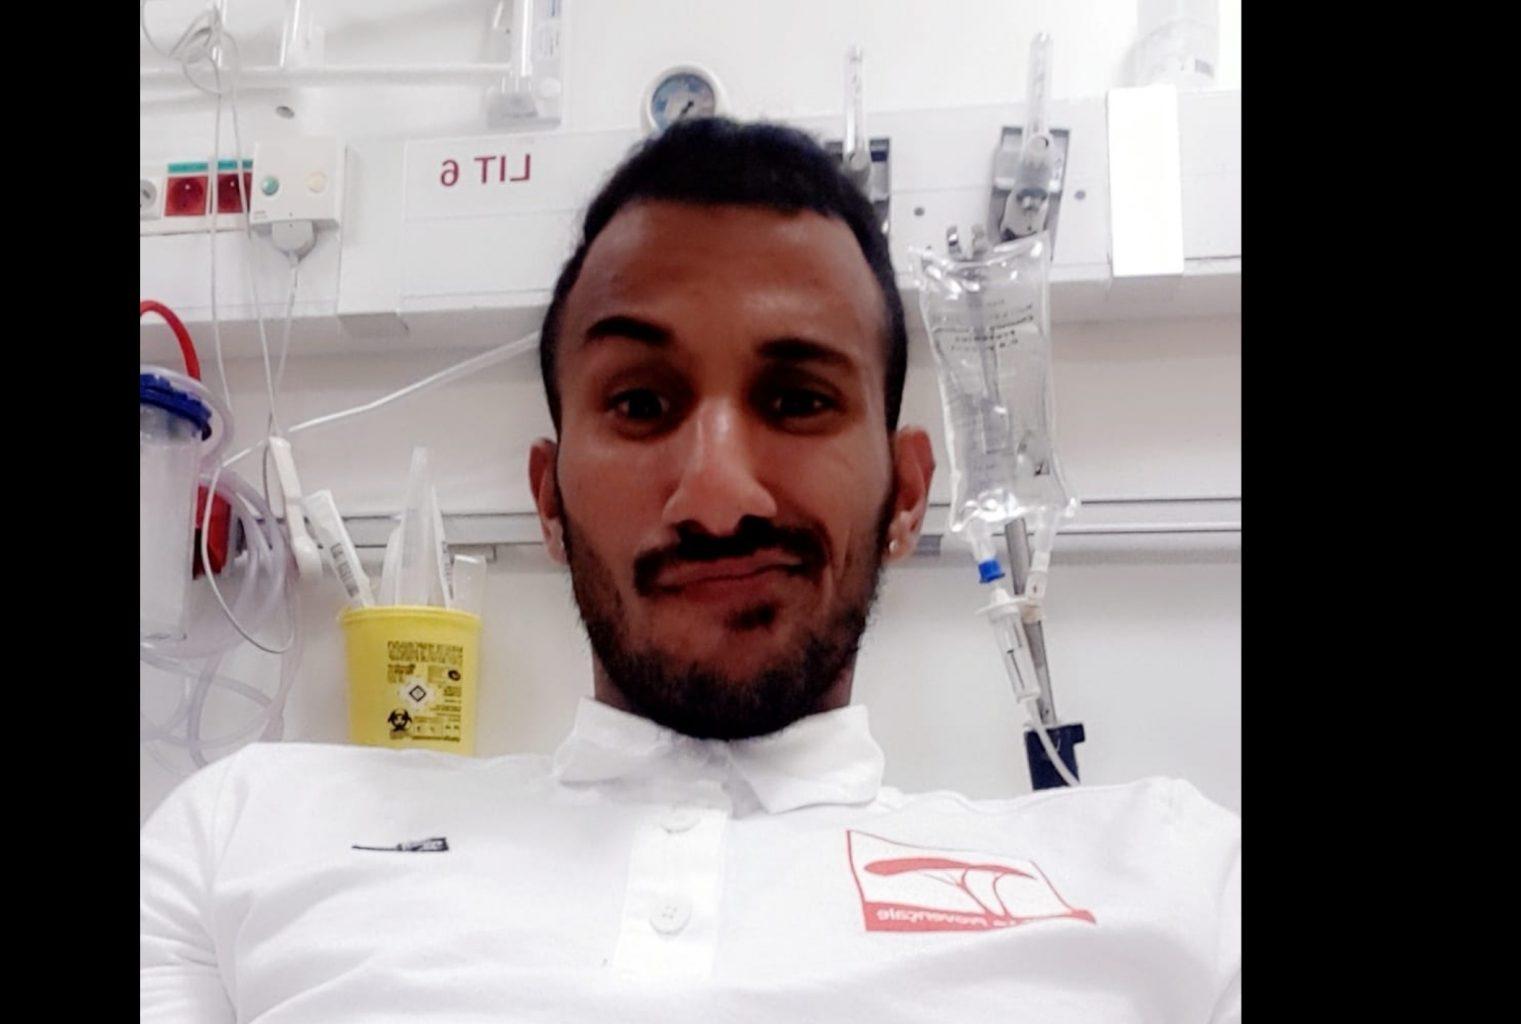 Coup de corne dans la cuisse pour Youssef Zekraoui à Bellegarde (19/10/2019)